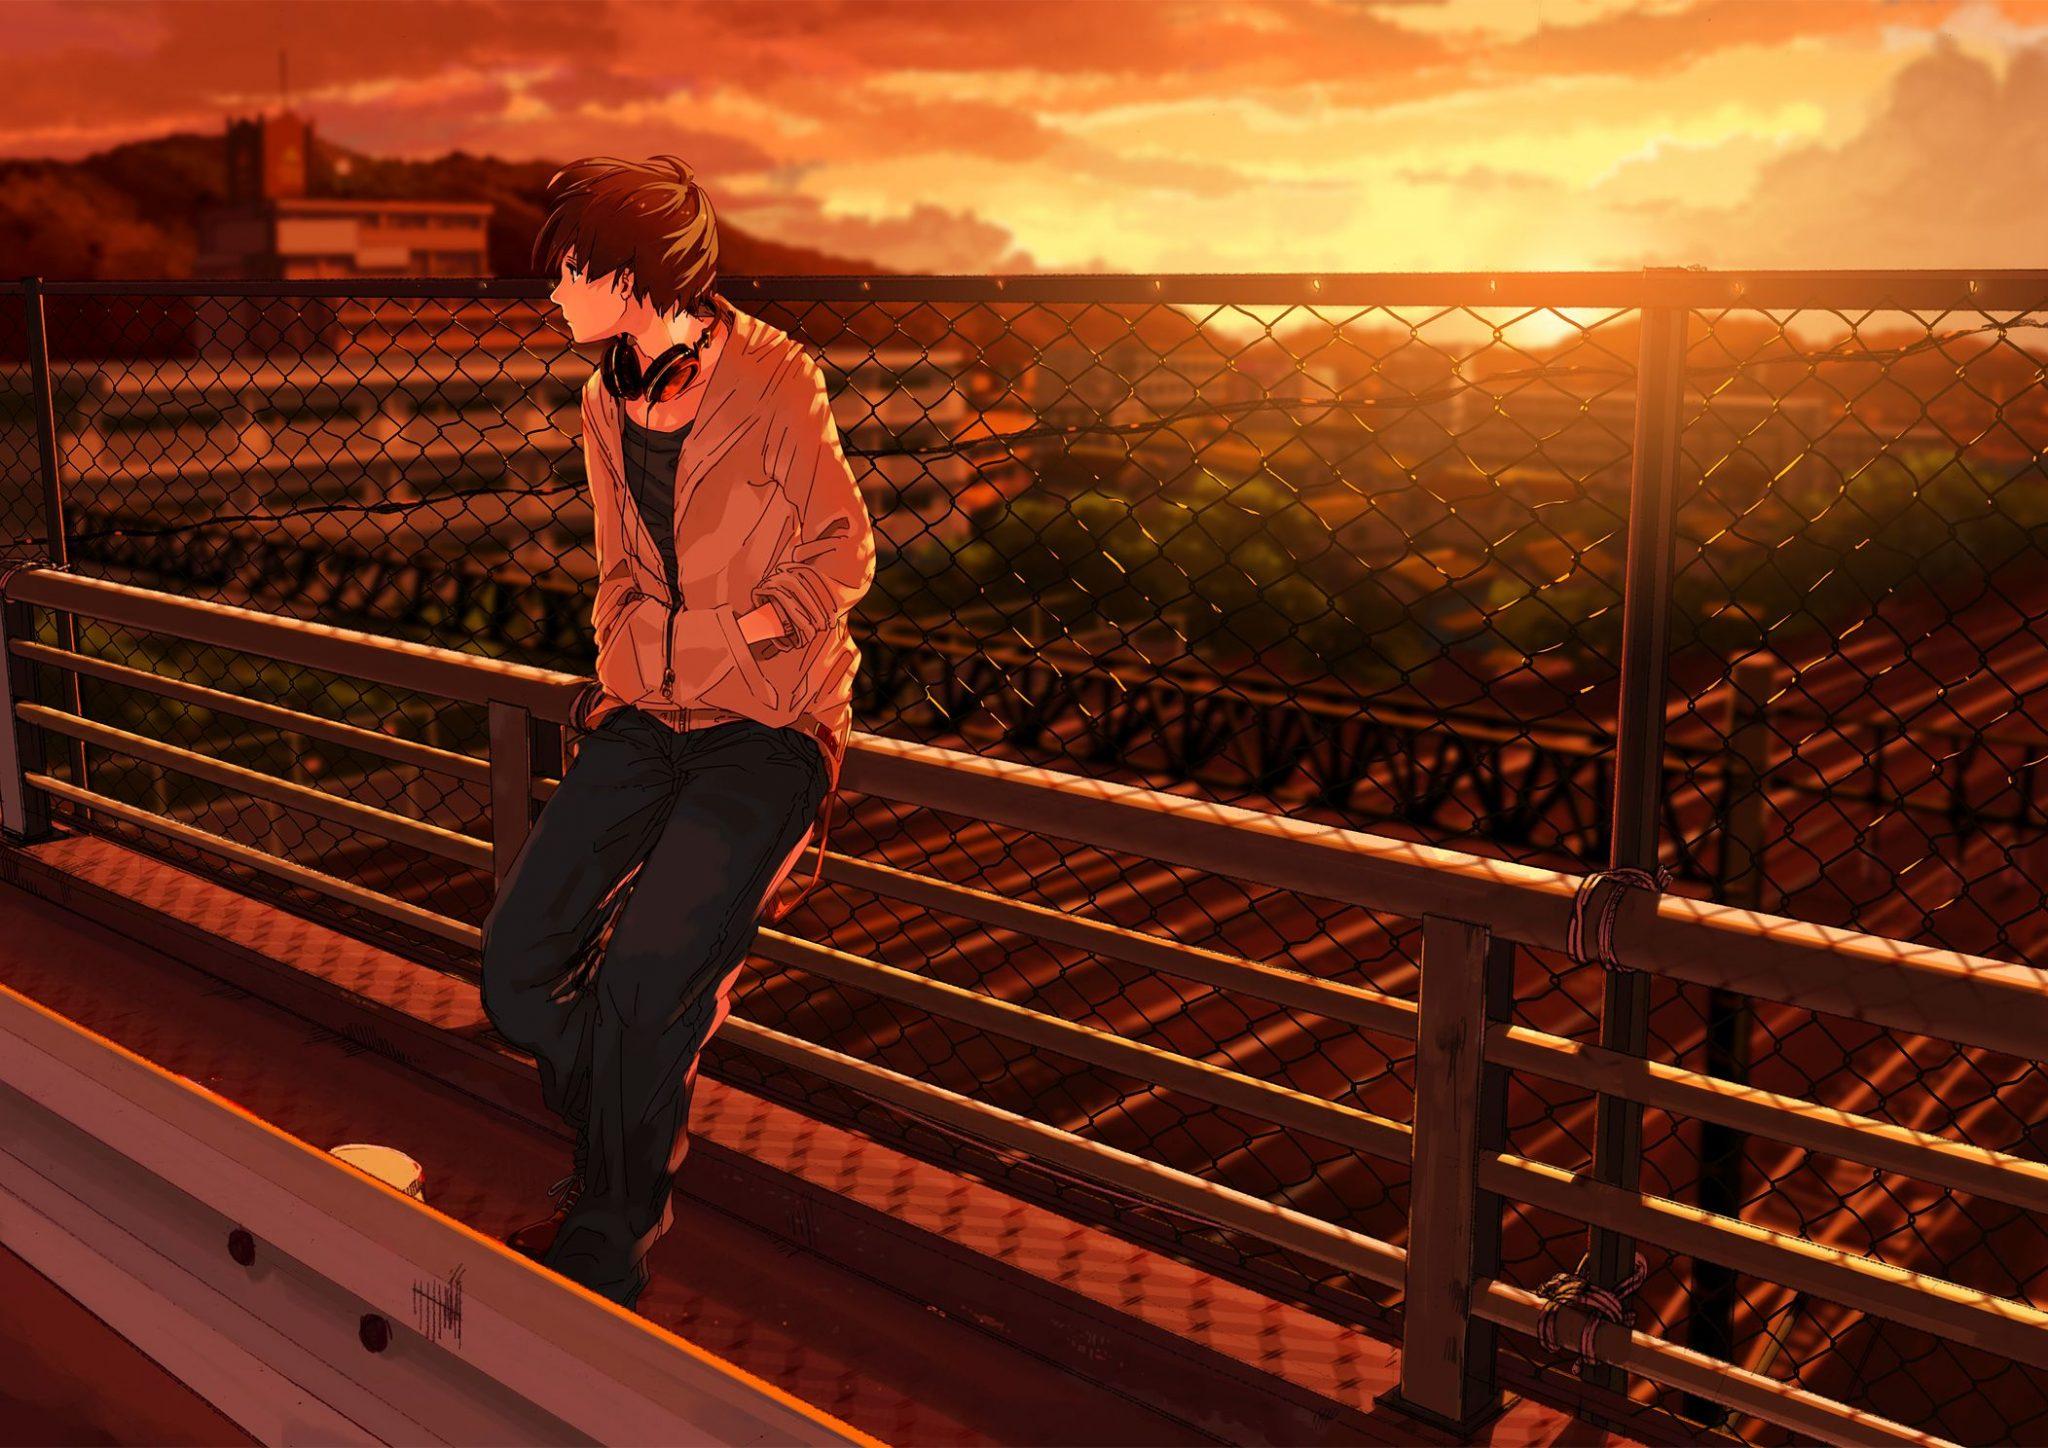 hình ảnh anime boy buồn, cô đơn 11